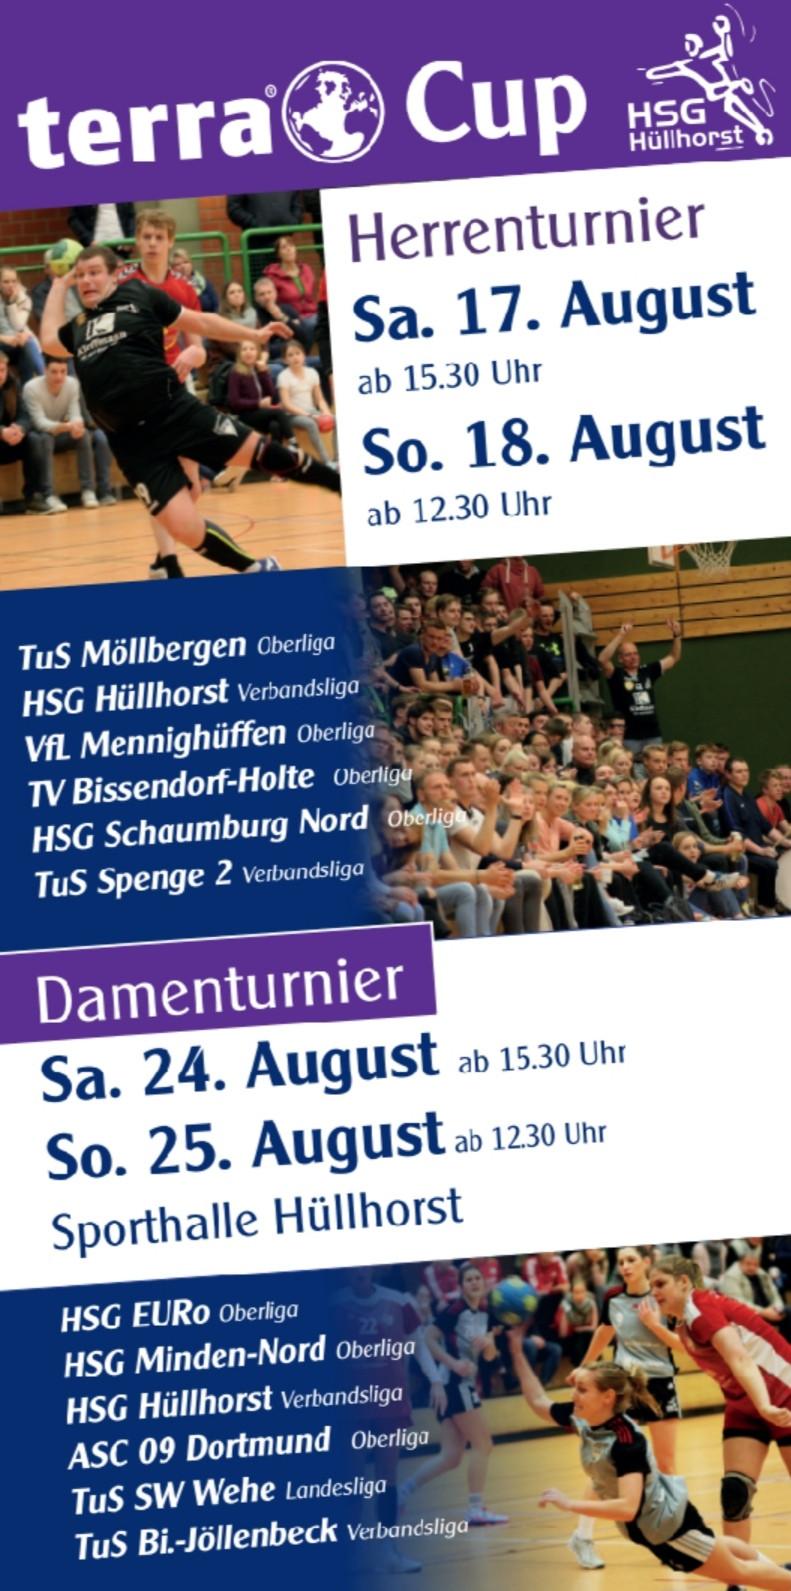 ab Samstag den 17.08.19 in der Hüllhorster Sporthalle. Spielpläne auf www.hsg-huellhorst.de